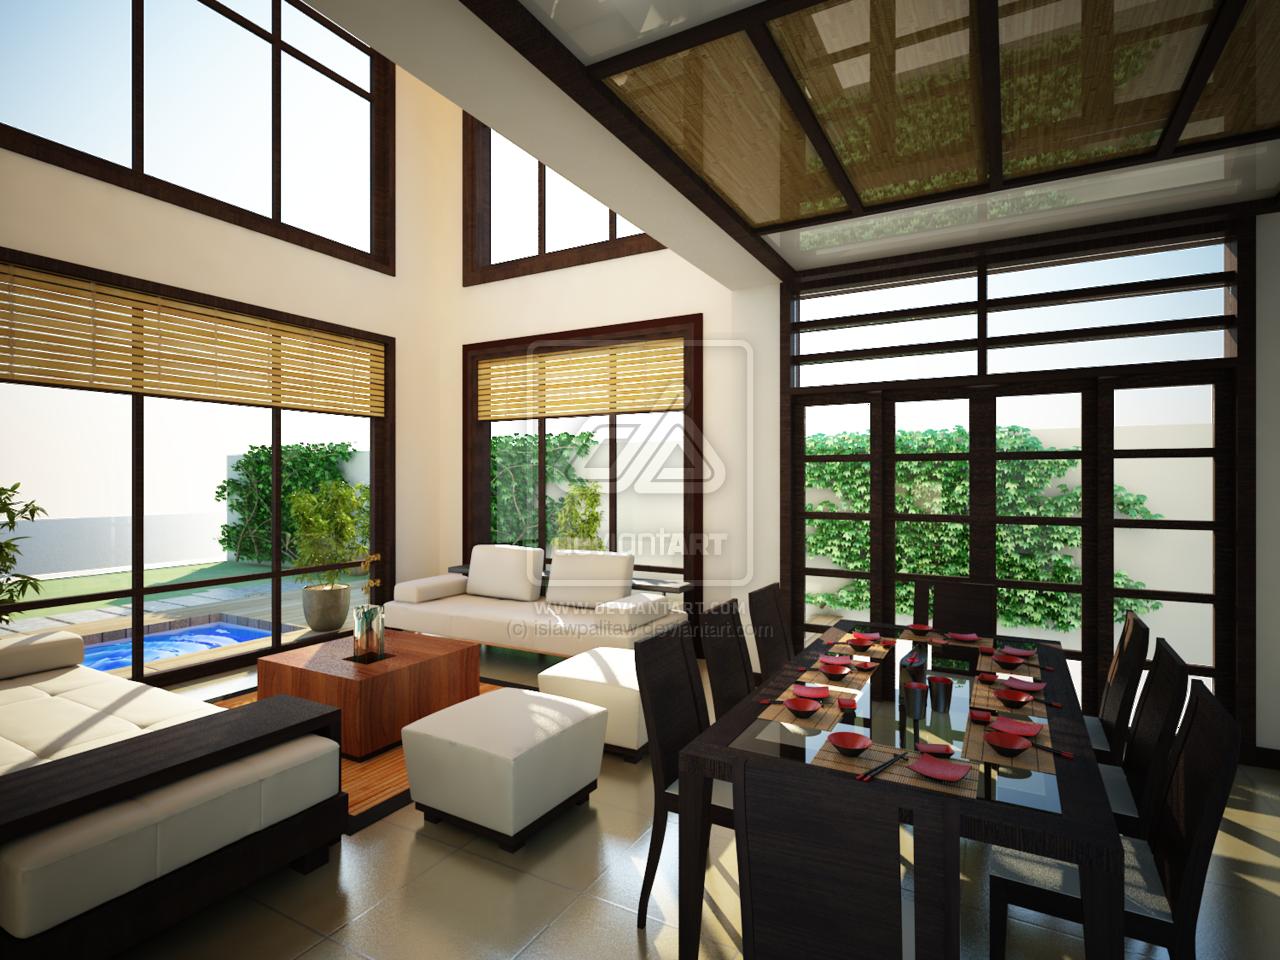 Modern japanese living room dining room haus innen - Japanisches wohnzimmer ...